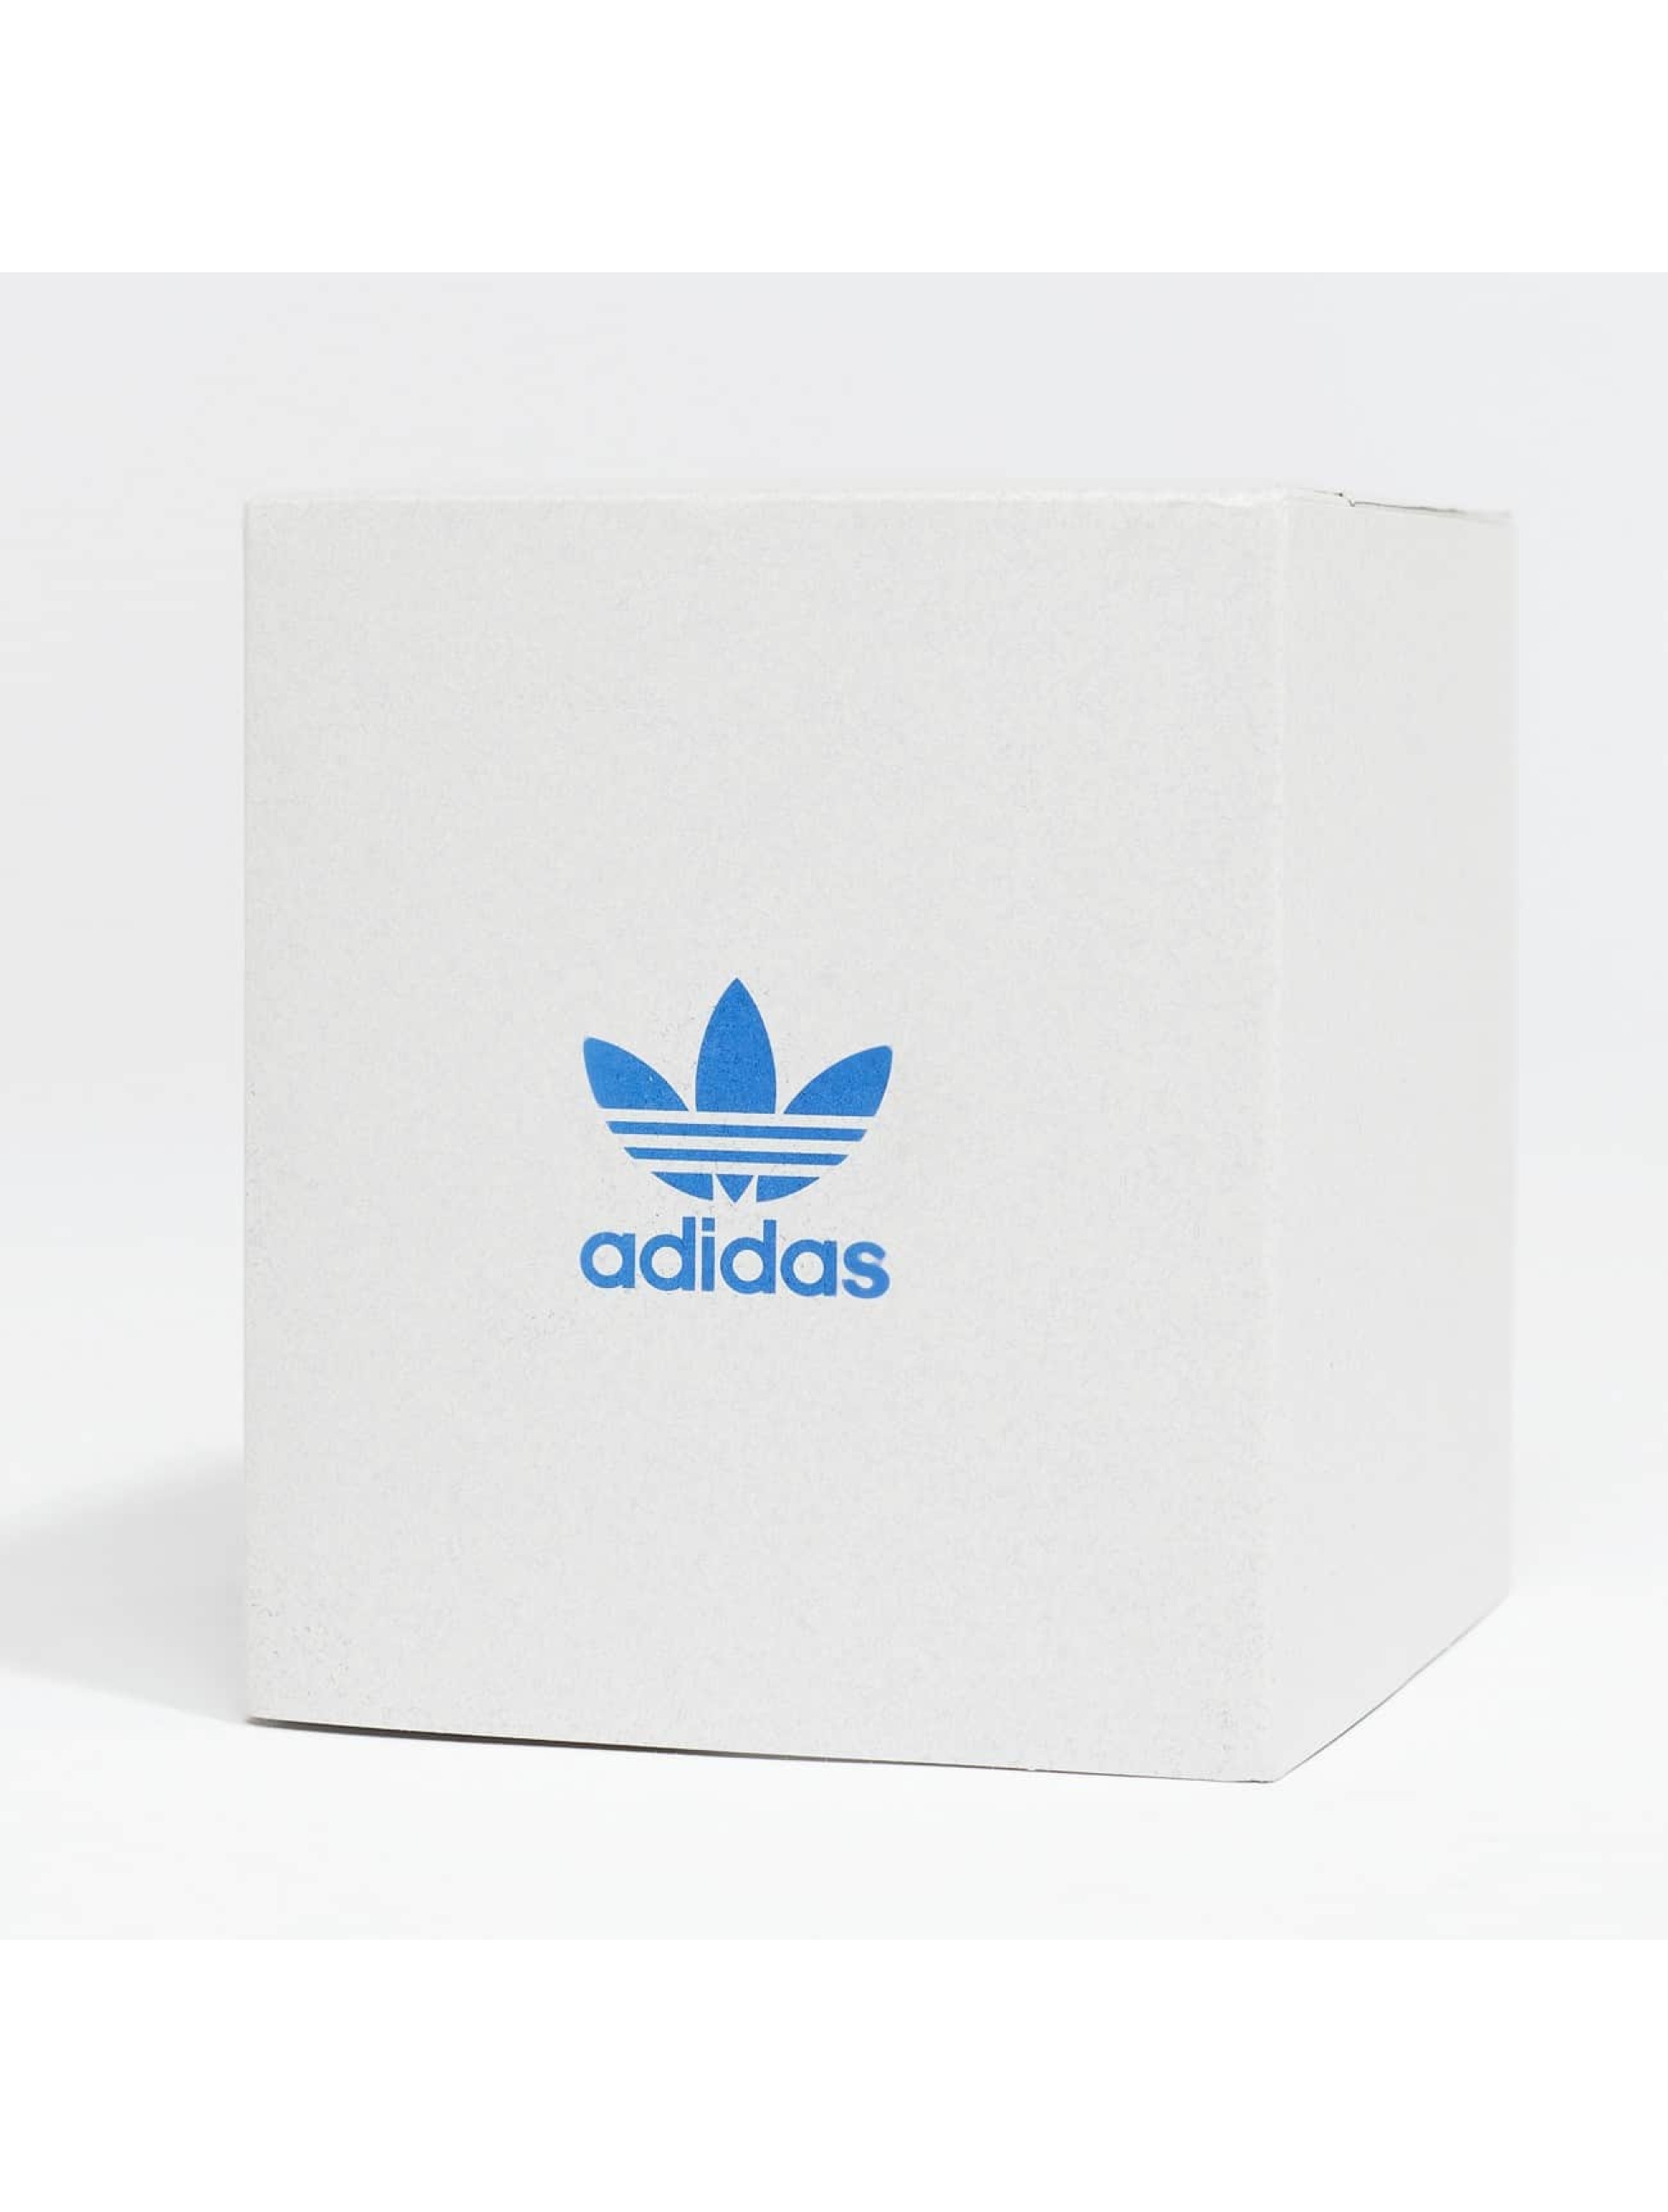 adidas Watches Uhr Cypher M1 schwarz